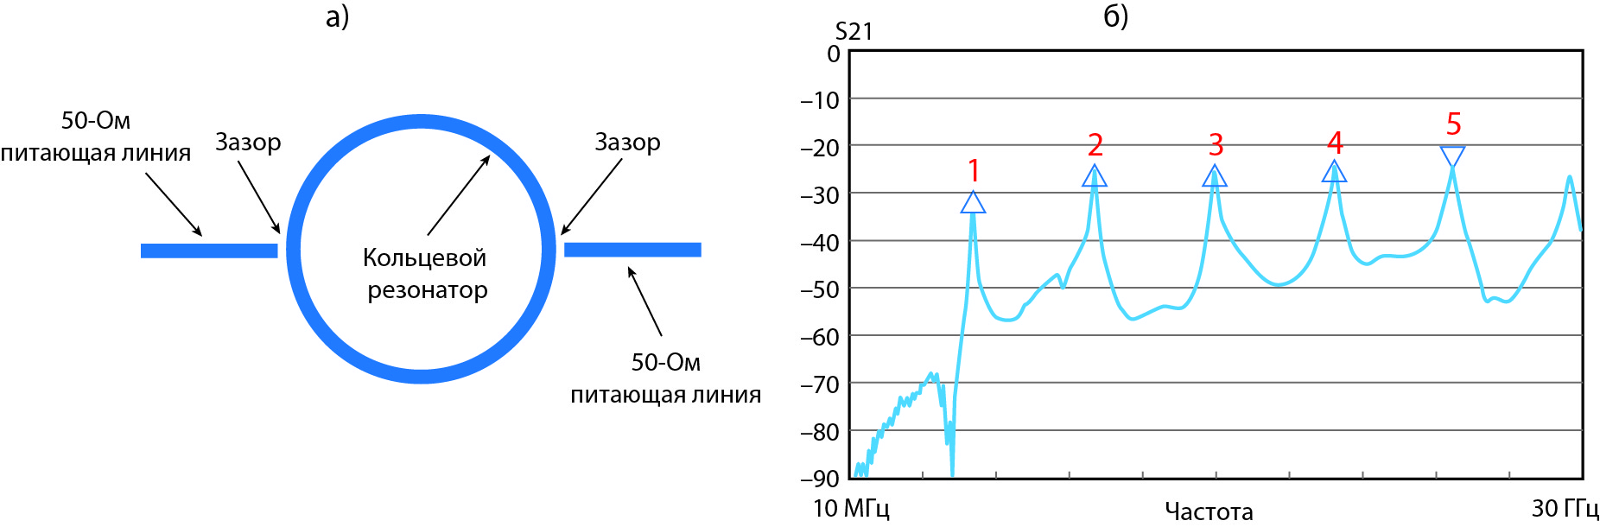 Микрополосковый кольцевой резонатор